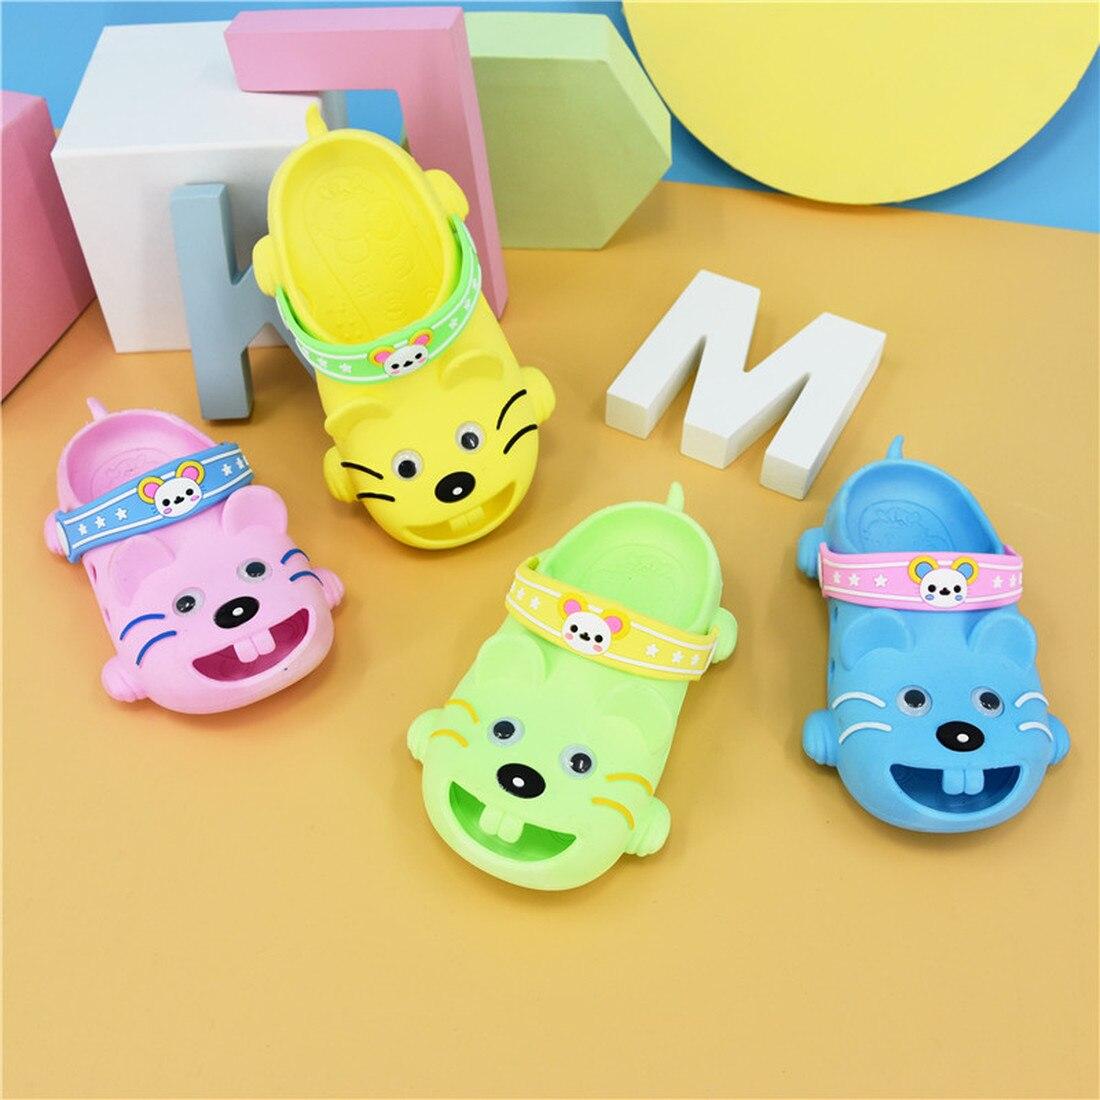 ¡Novedad de 2020! sandalias para bebé de dibujos animados, pantuflas y zuecos para niños, zapatillas antideslizantes de fondo suave de Pvc para interiores de verano para niños, zapatos para niño niña